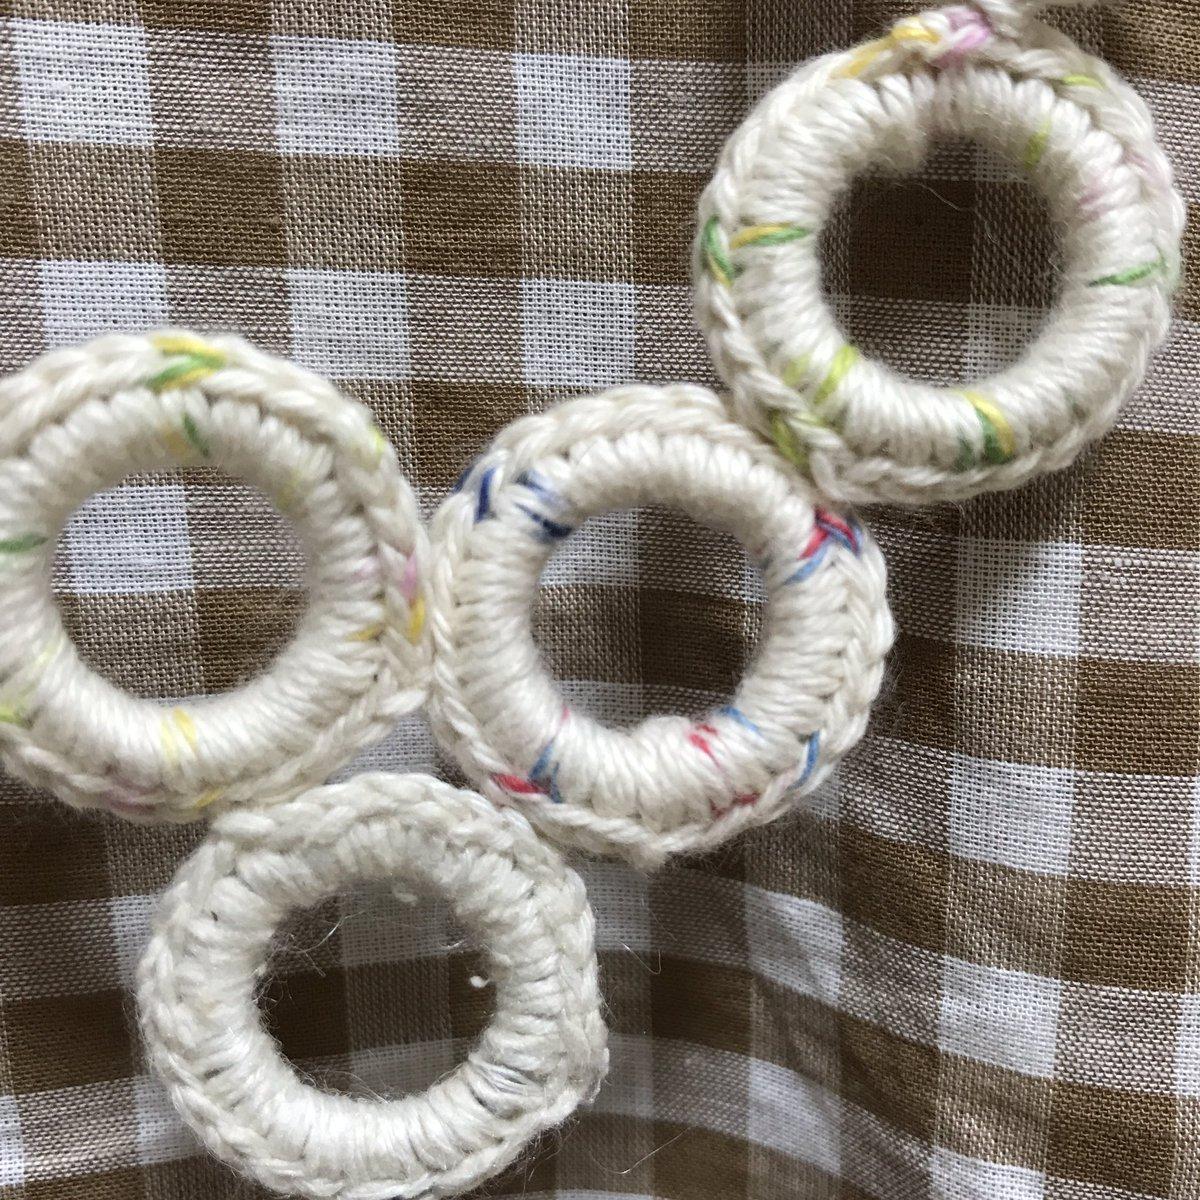 test ツイッターメディア - #セリア で買ってきた #newフラワーガーデン と #キナキナリ で #ネックレス を作ってみました 突然思いついて作ったので よ?く見ると 粗だらけ…?? https://t.co/0FczgcvGot